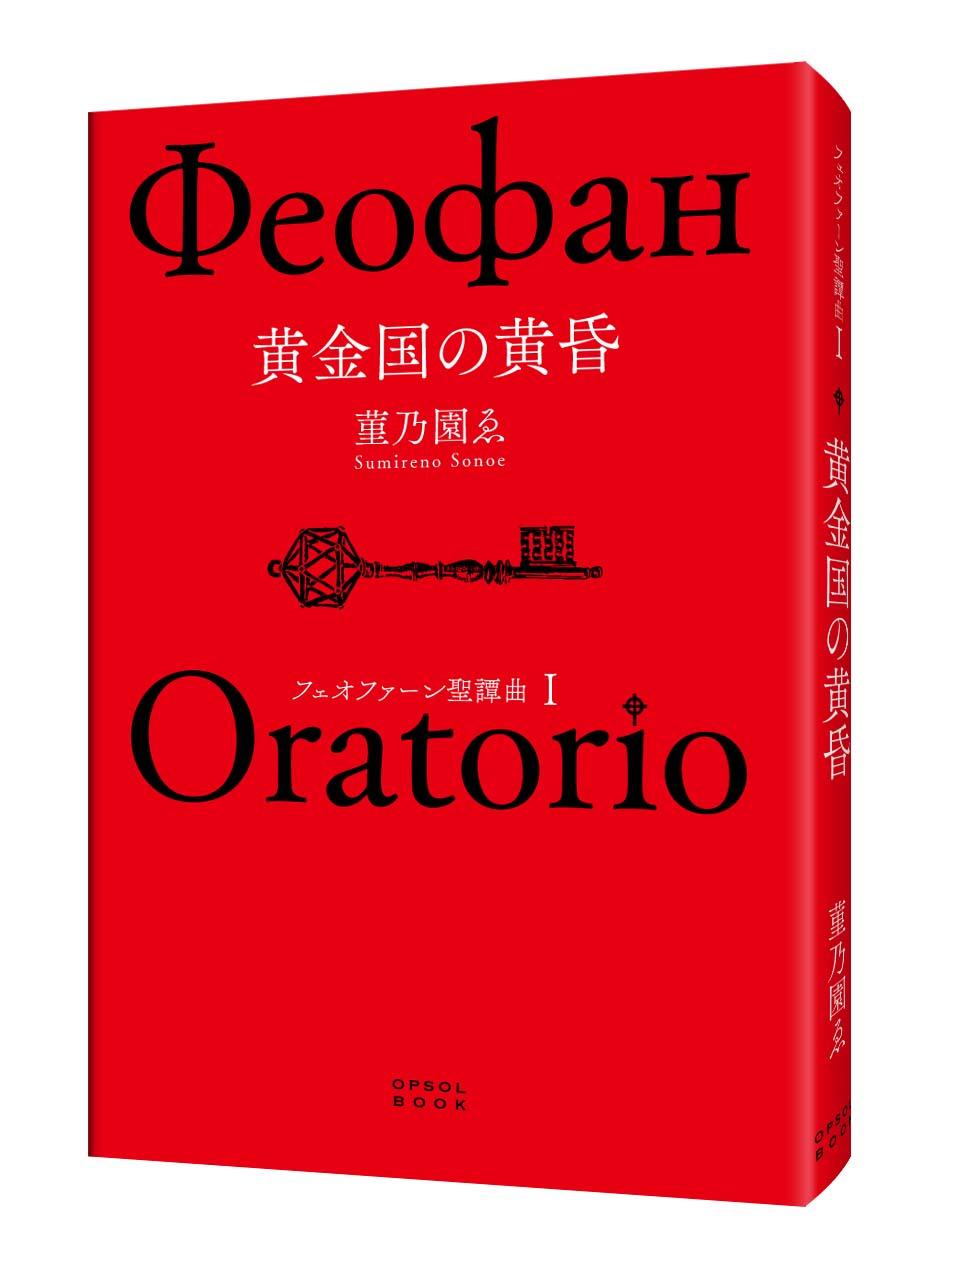 フェオファーン聖譚曲(オラトリオ) op.1 黄金国の黄昏 書影ラフ